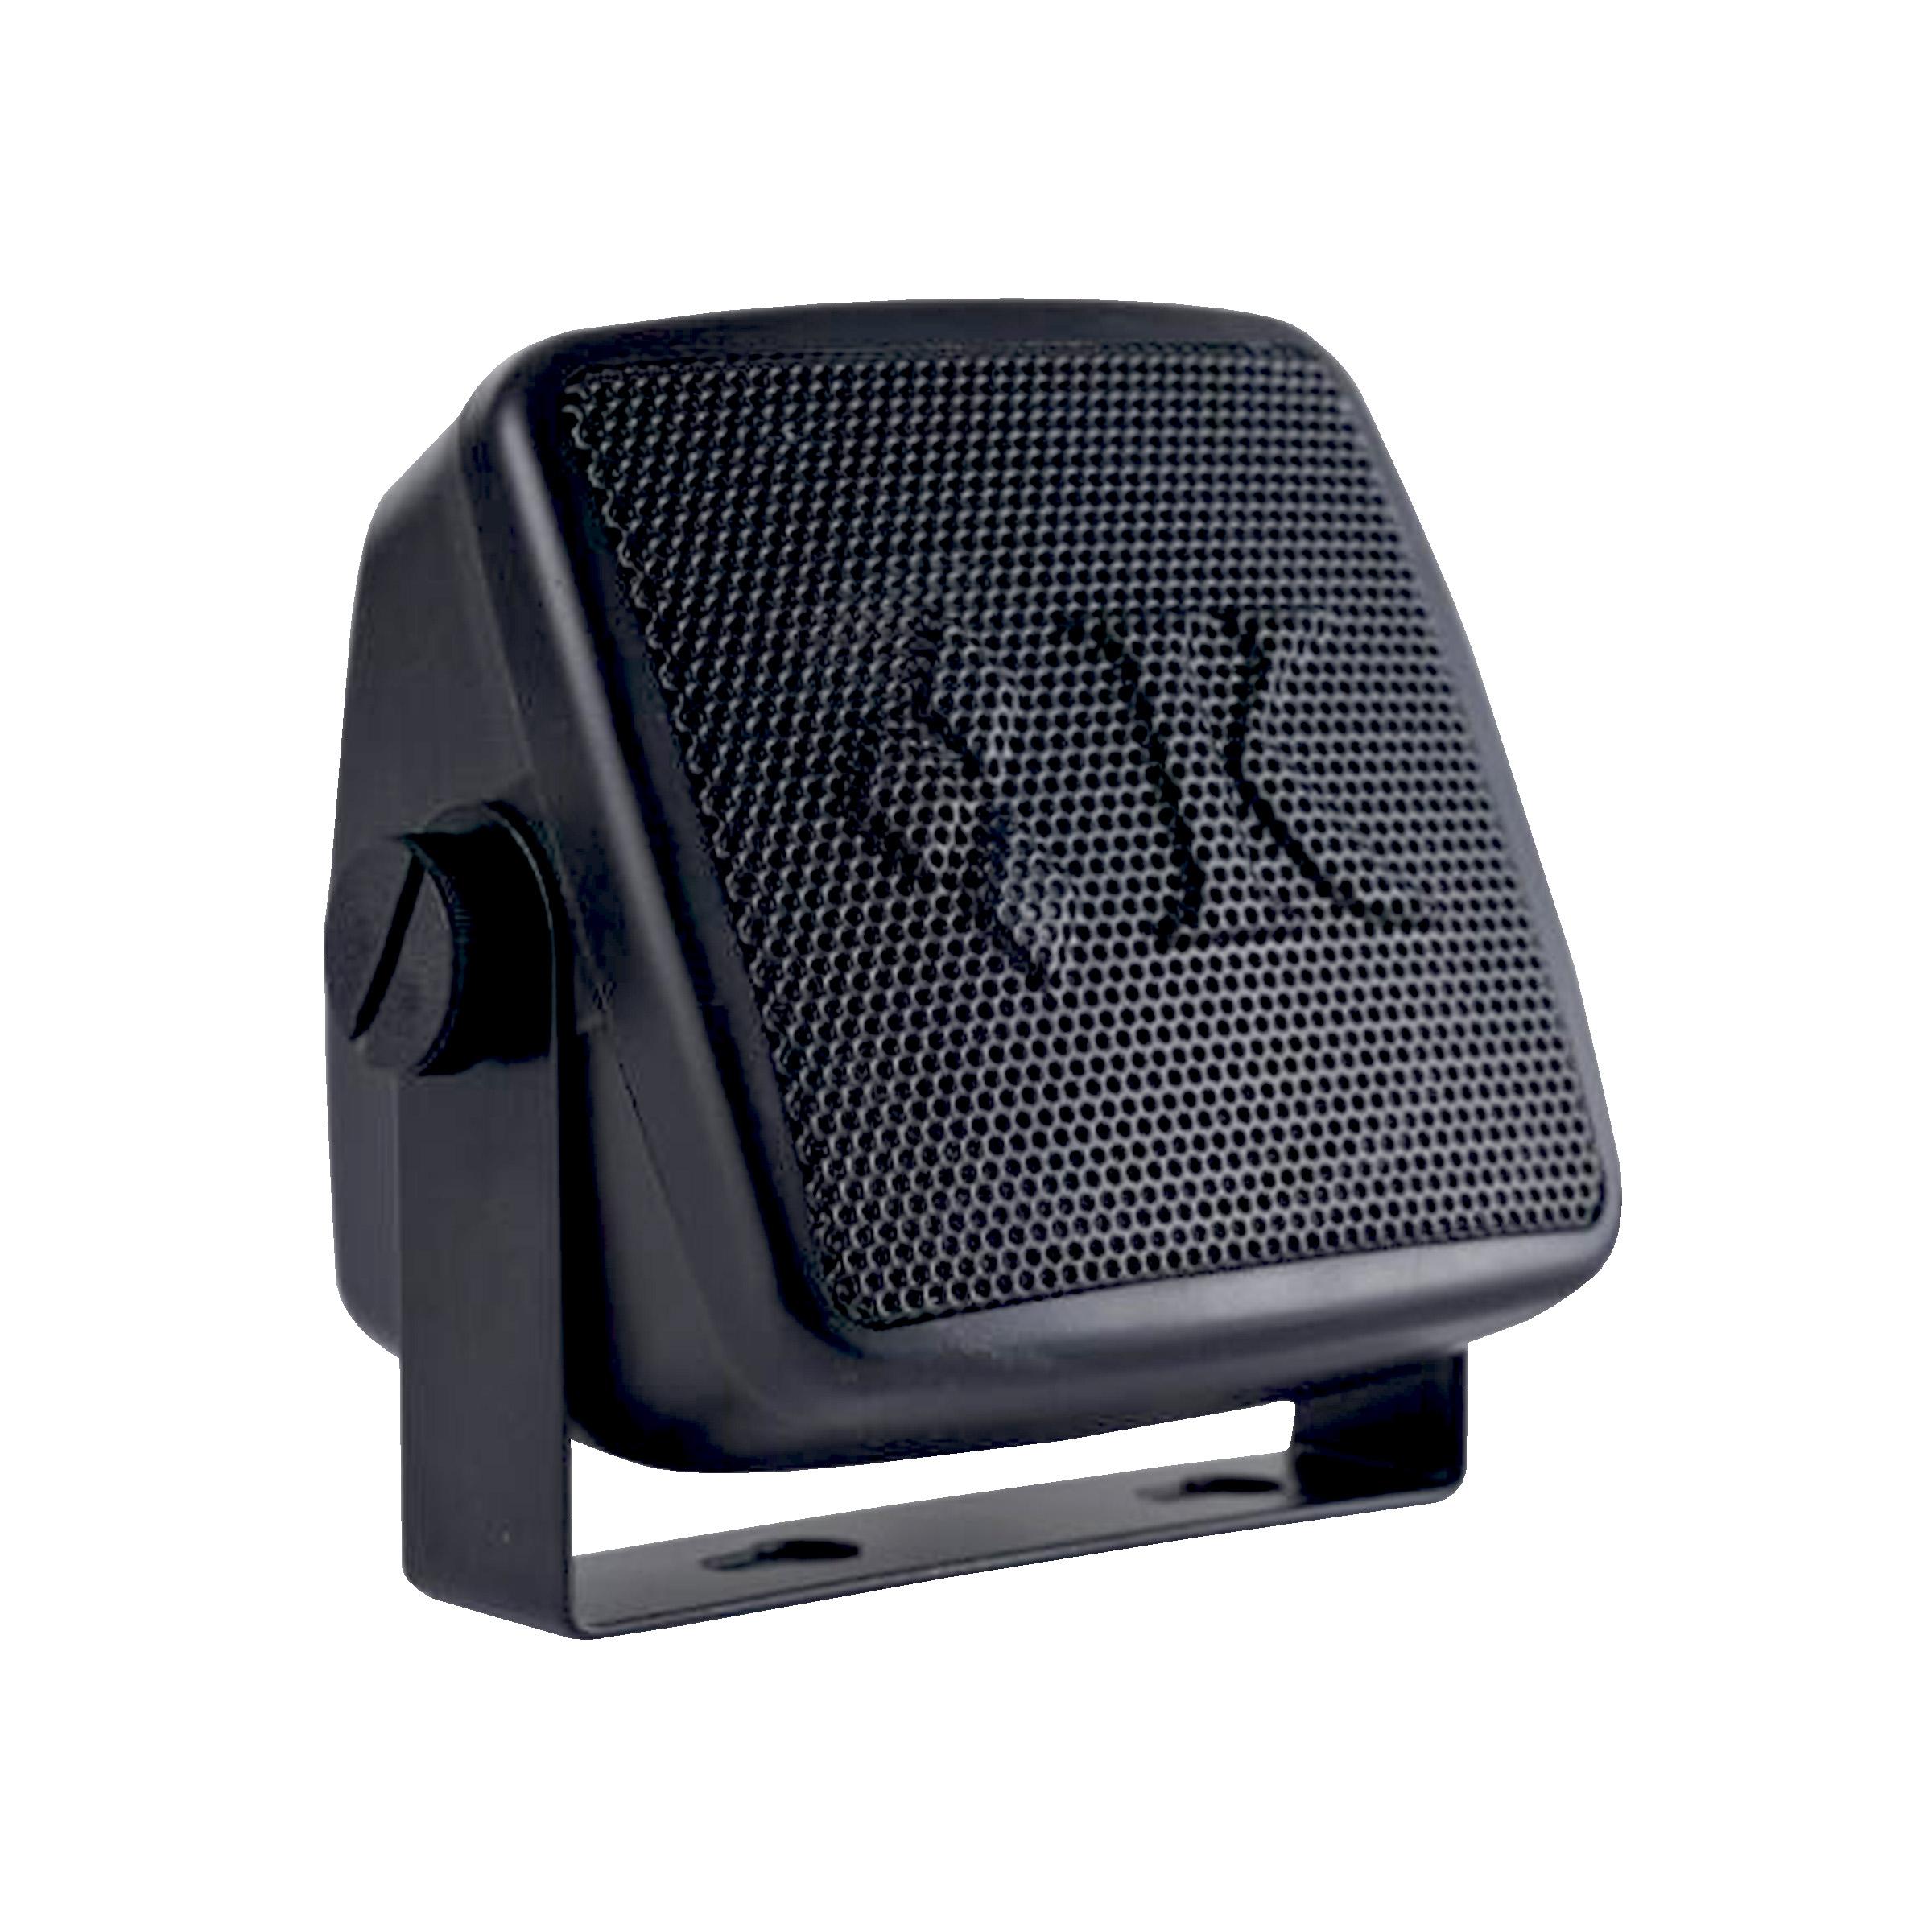 KSP8 - Kalibur Big Mouth External Speaker